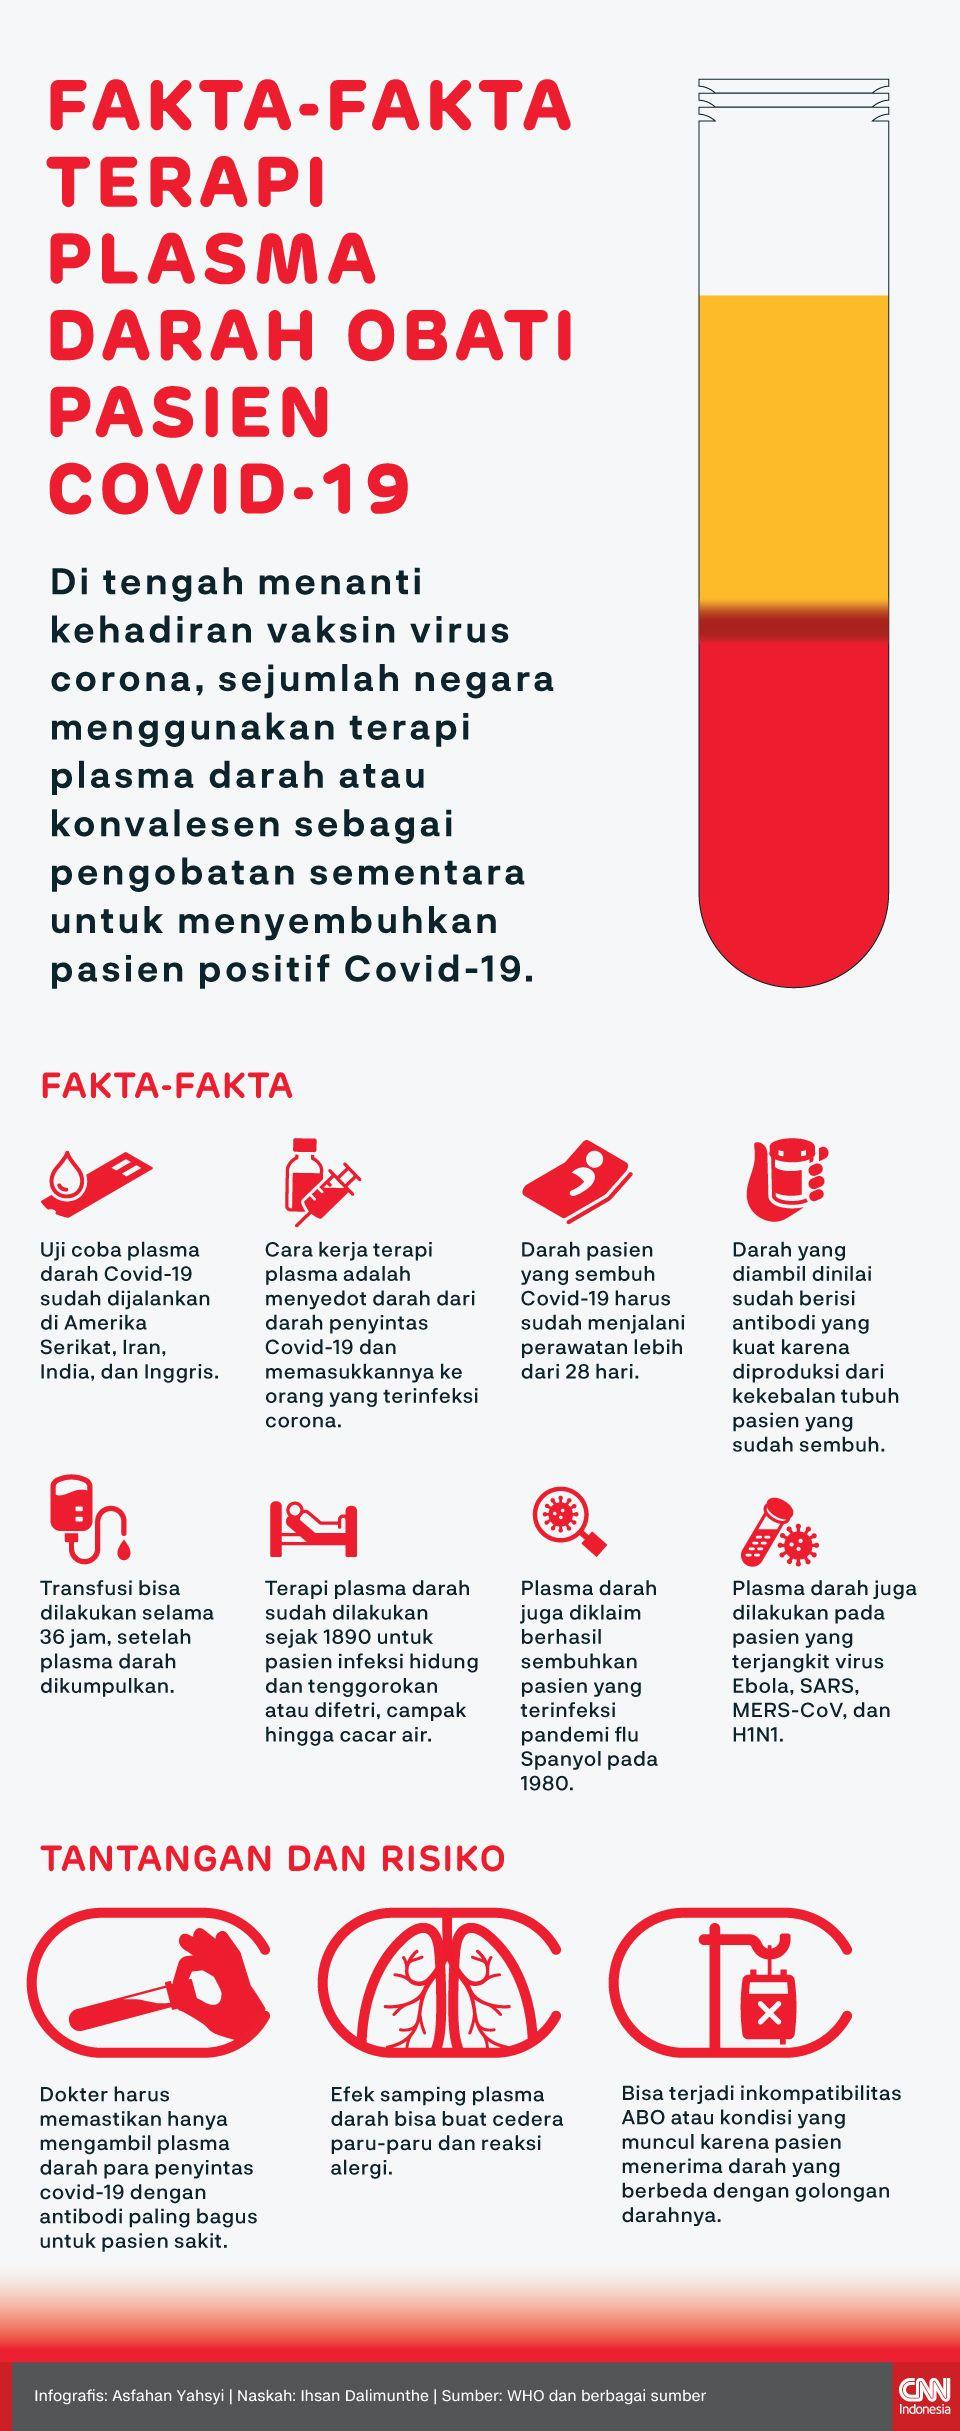 Infografis Fakta-fakta Terapi Plasma Darah Obati Pasien Covid-19